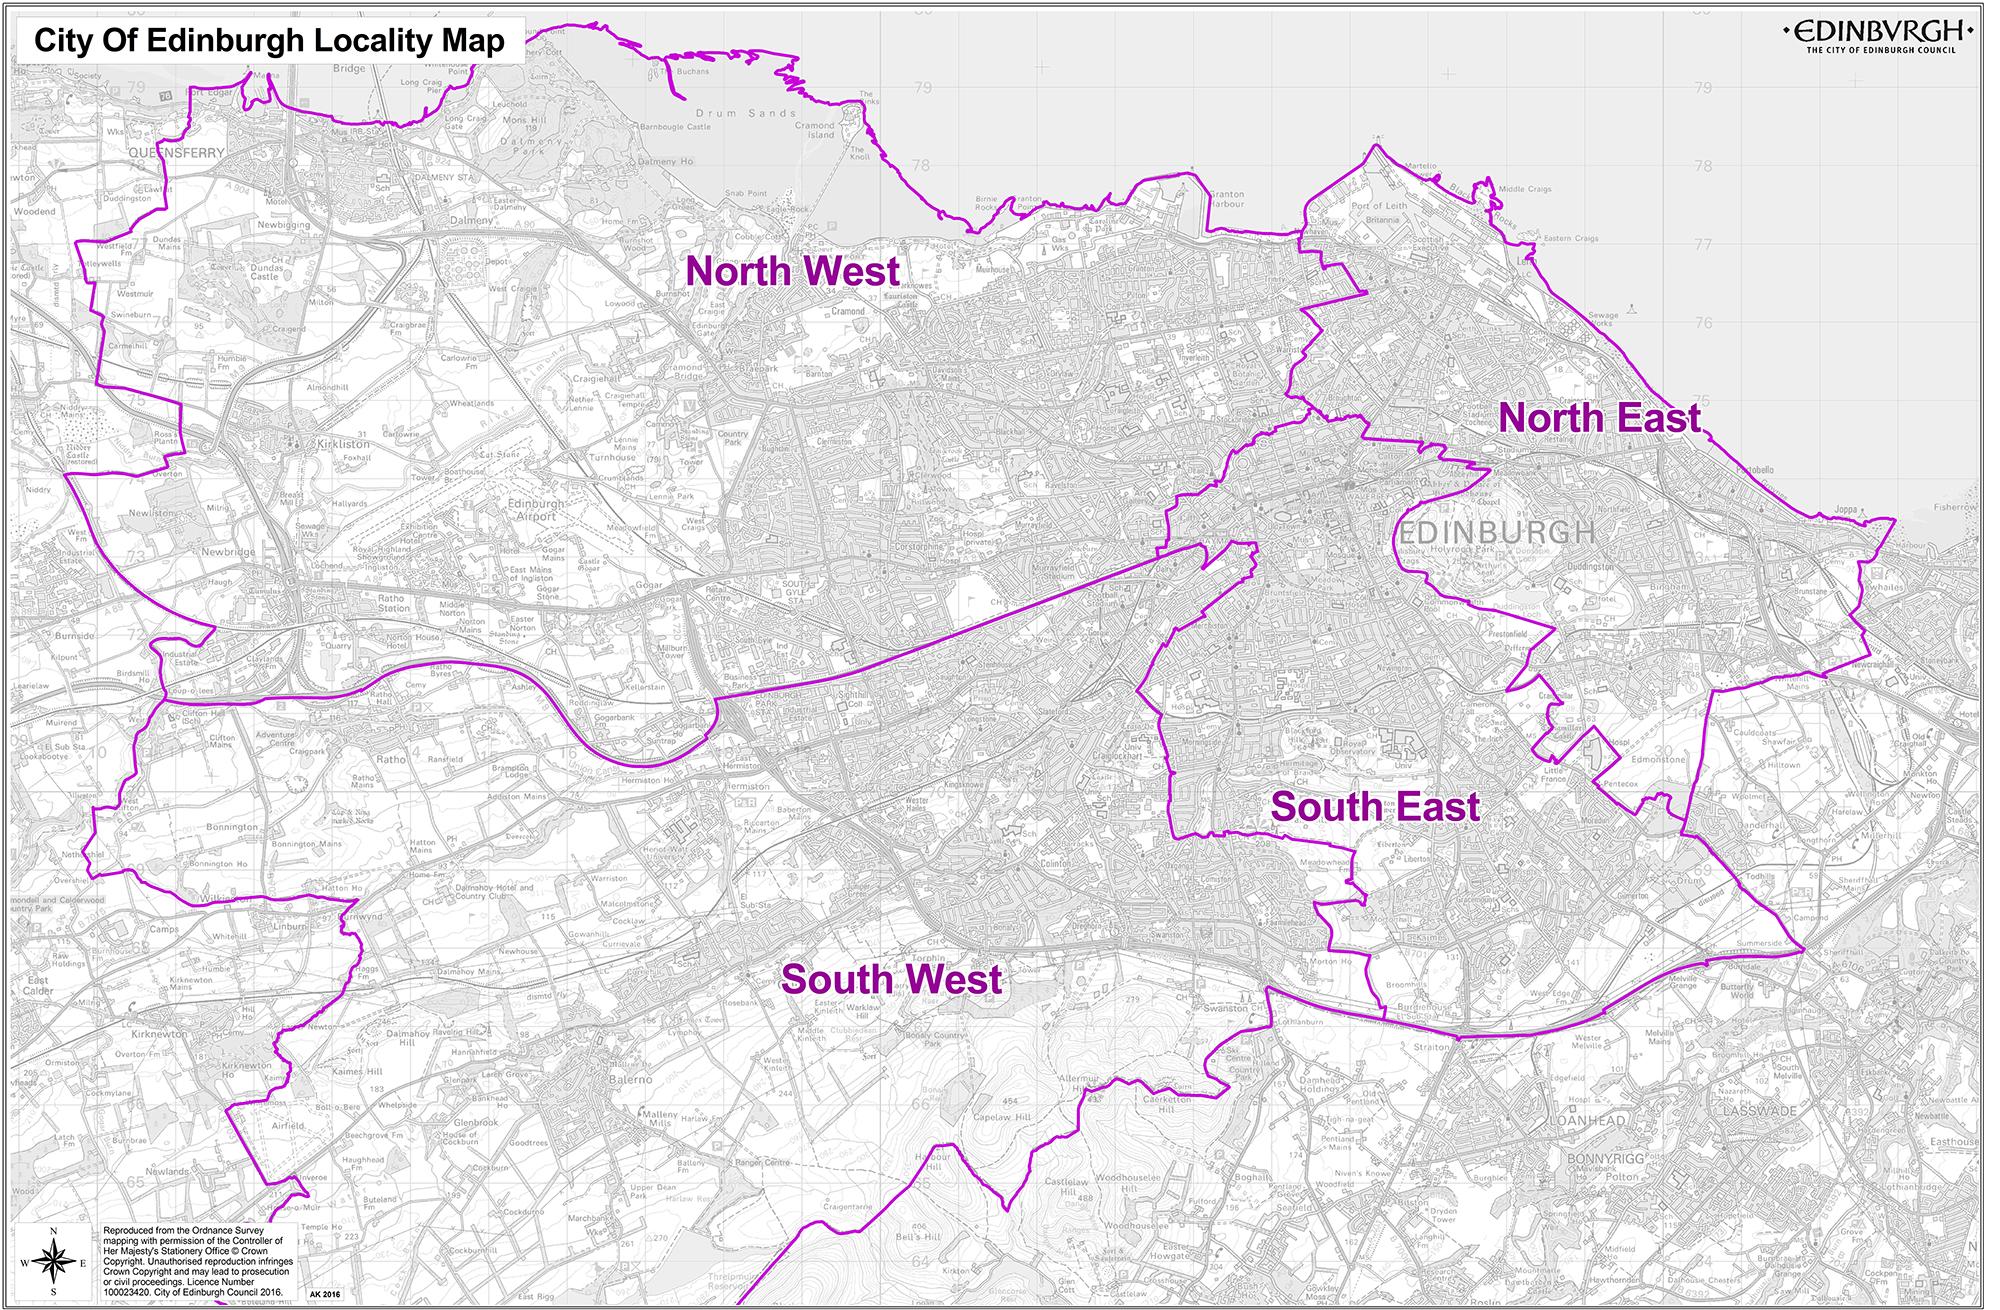 Localities